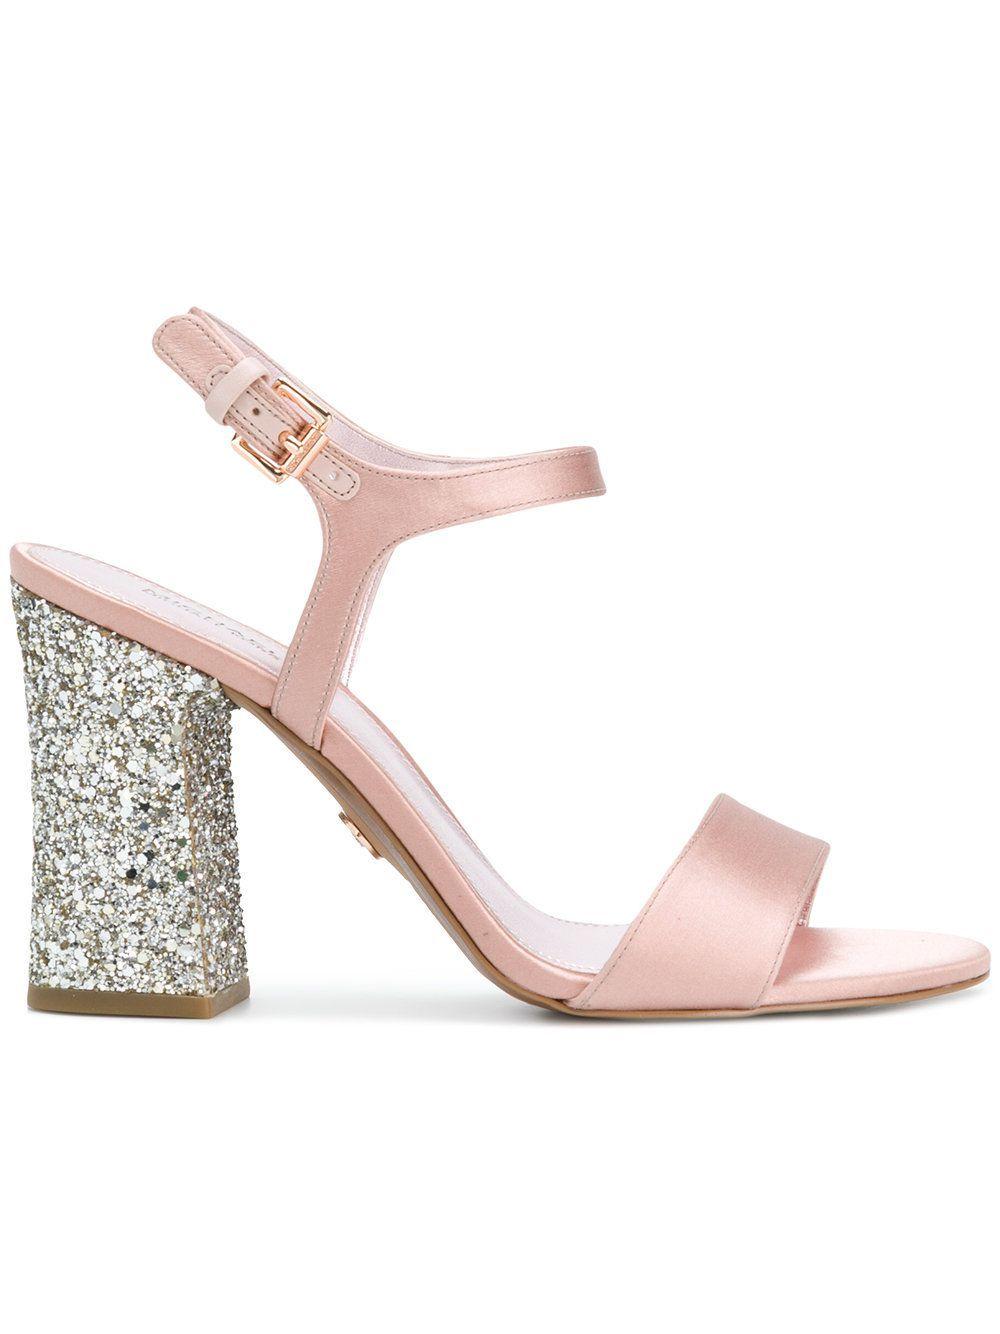 scarpe temperamento sito affidabile seleziona per ufficiale I sandali gioiello timeless per l'estate 2018 (perché ...